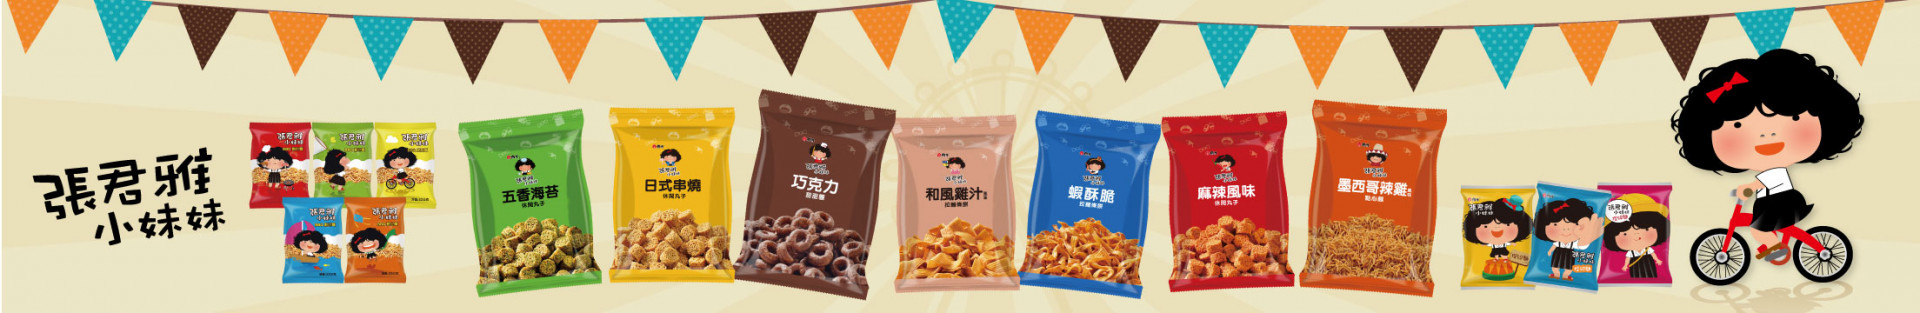 葡京娱乐开户网址食品工業股份有限公司